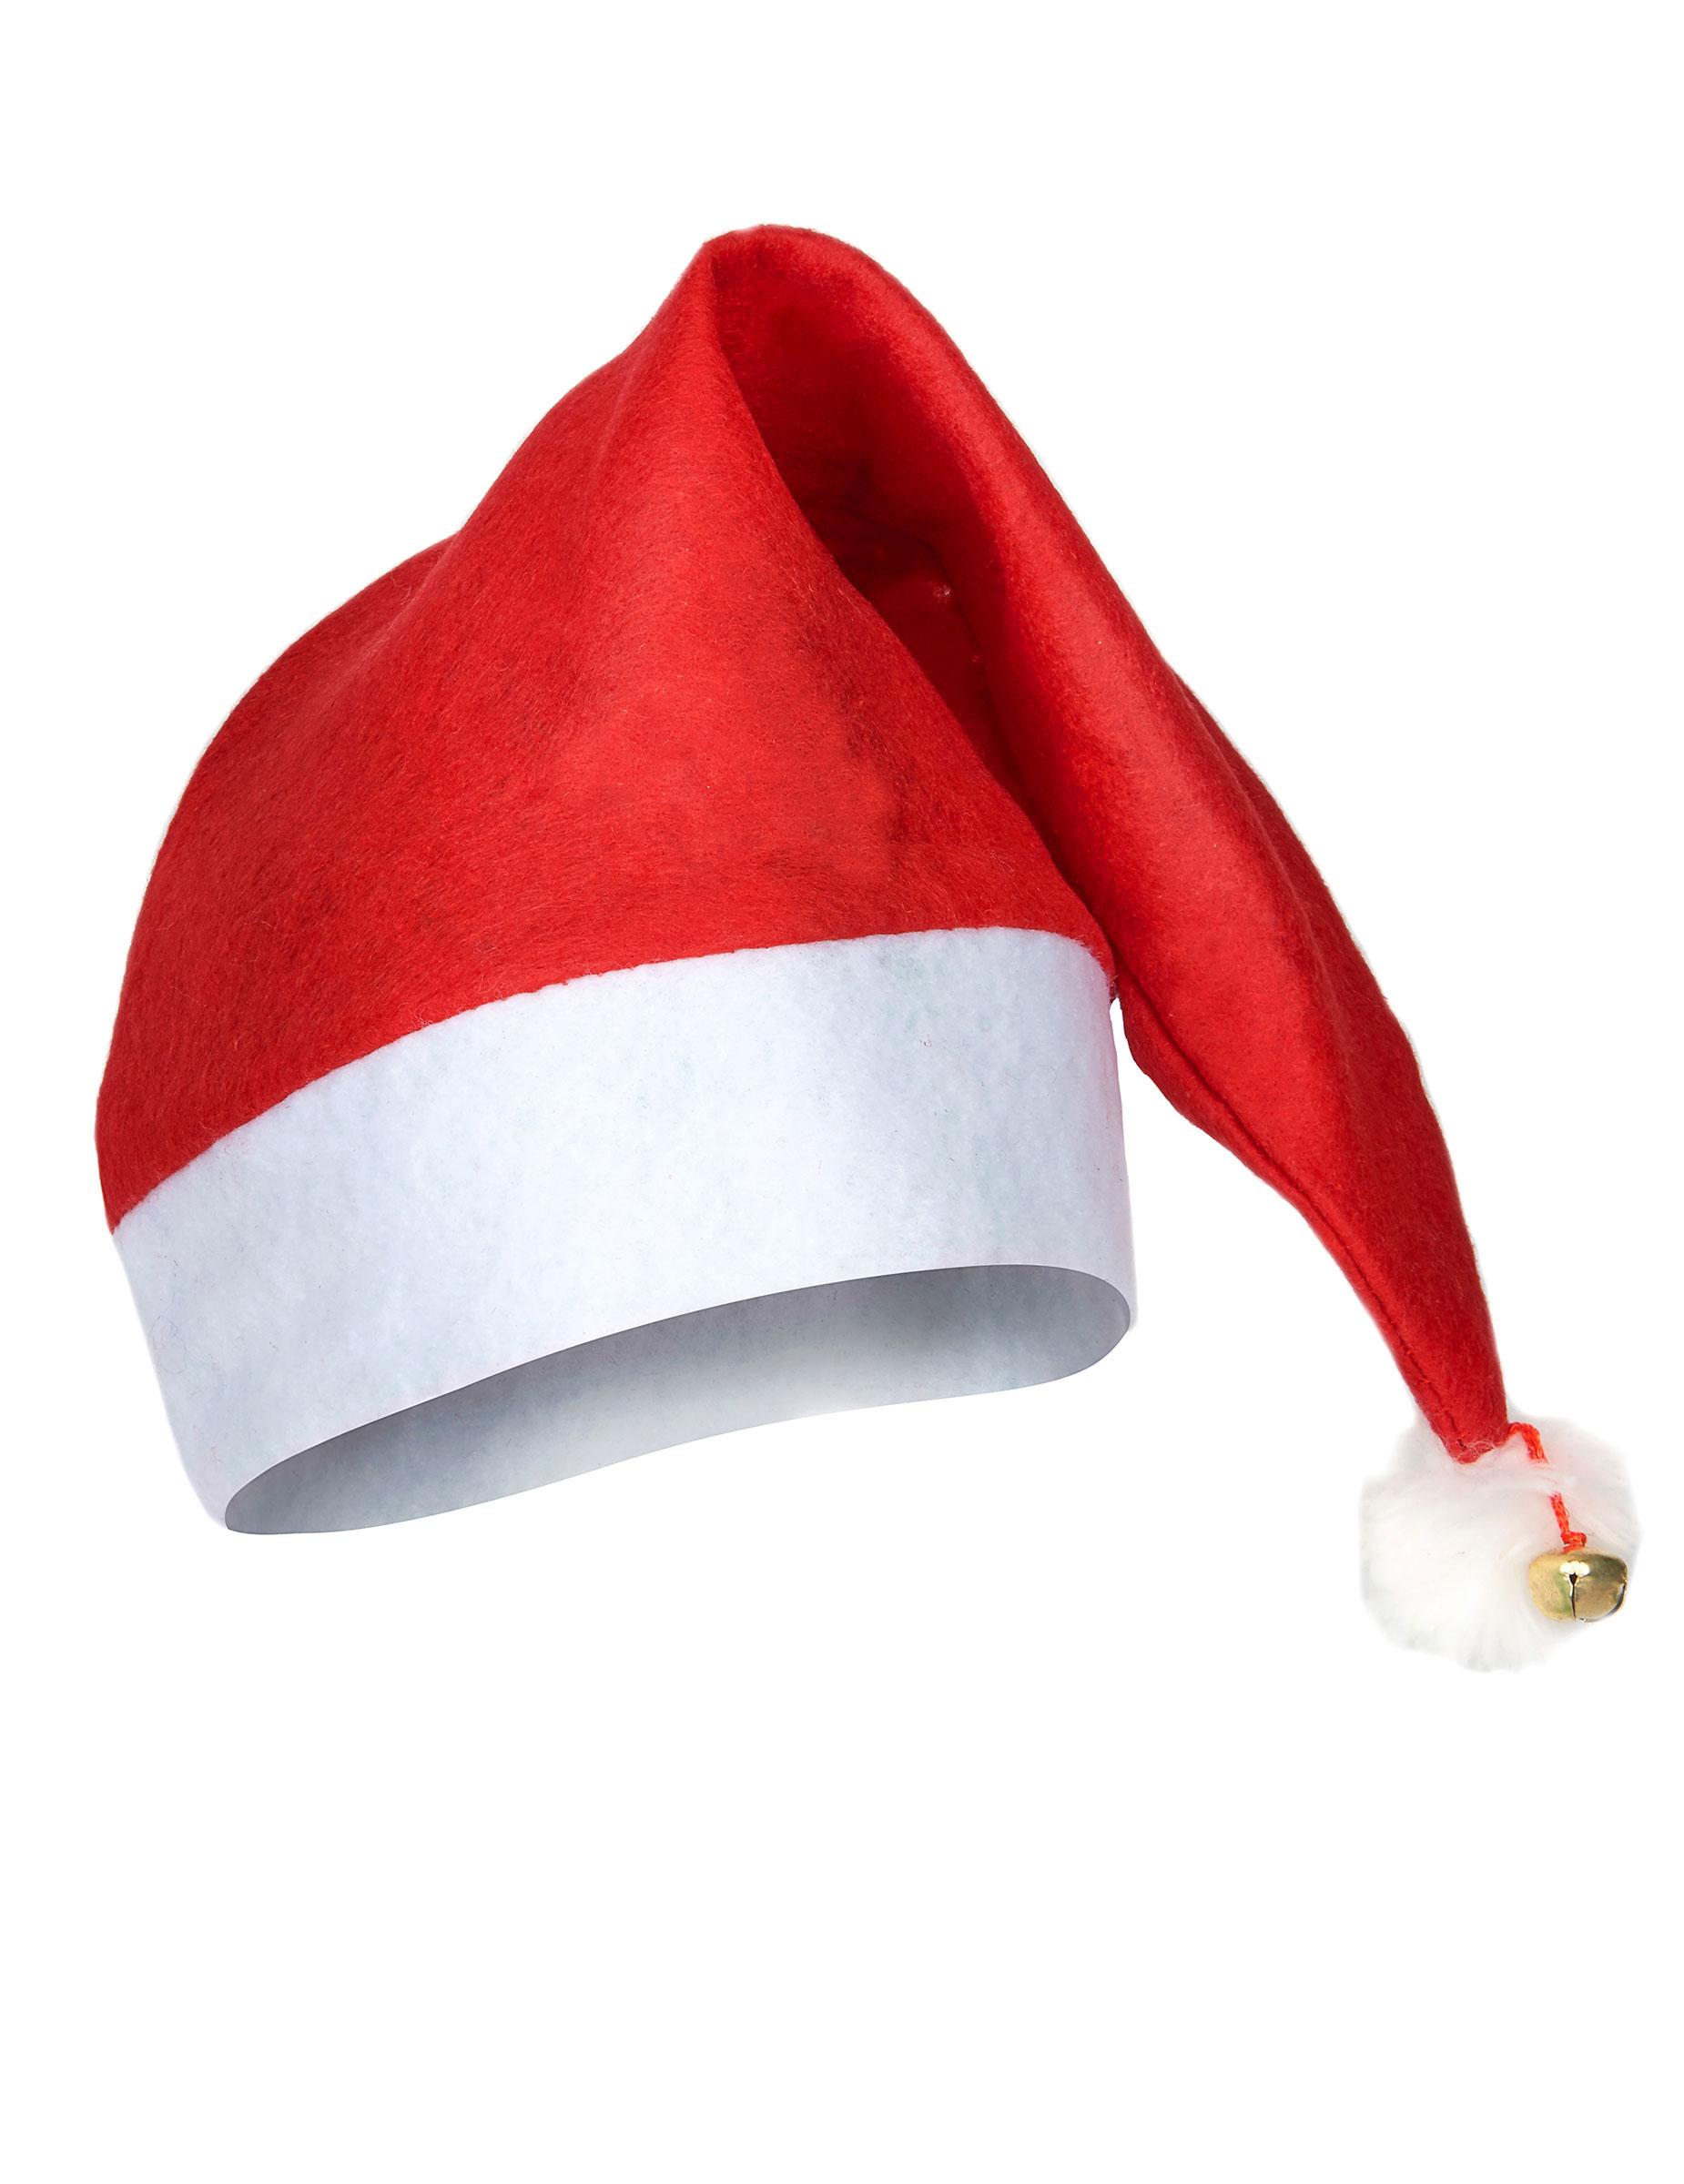 Tomteluva Med Bjällra Till Jul, Köp Hattar På Vegaoo.se